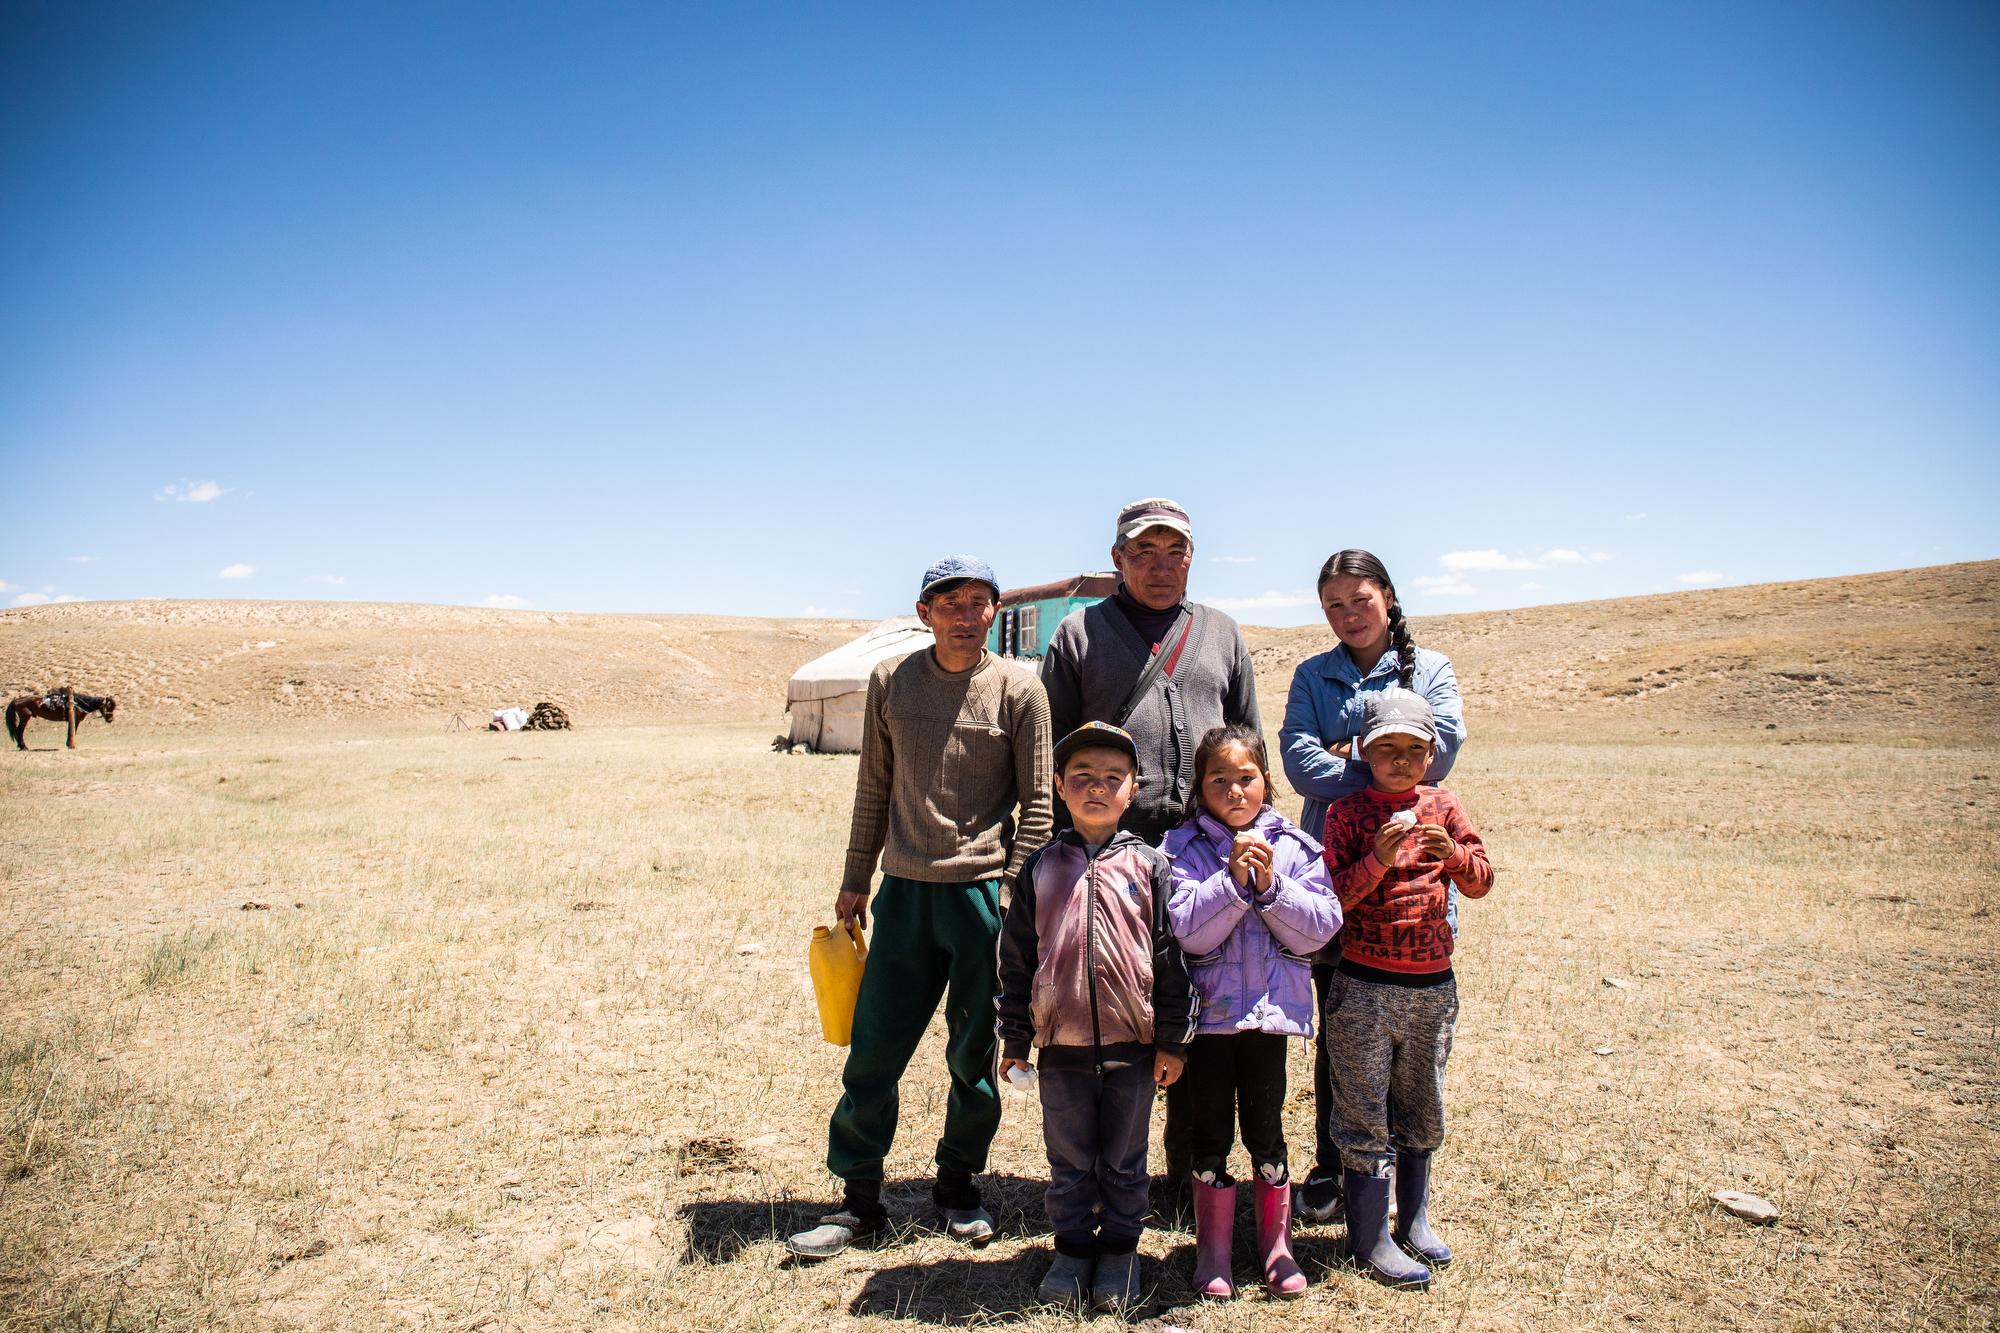 smallKyrgyzstan_CT_2p6a1425.JPG